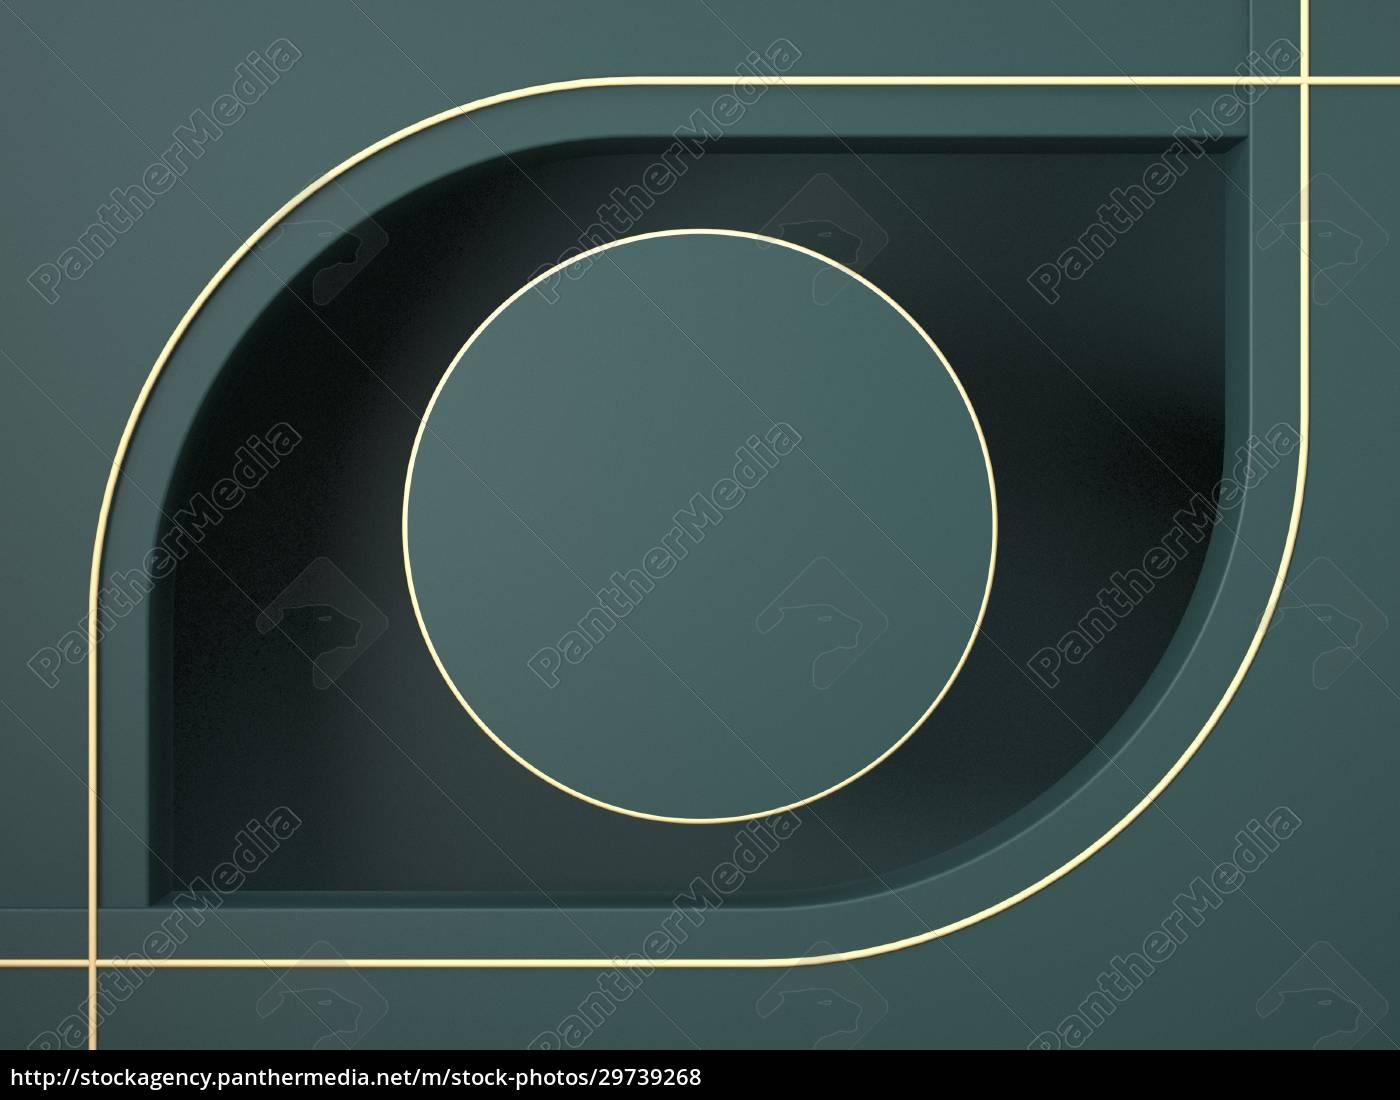 mock-up-kreis, mit, goldenen, umrissen, für, produktpräsentation - 29739268